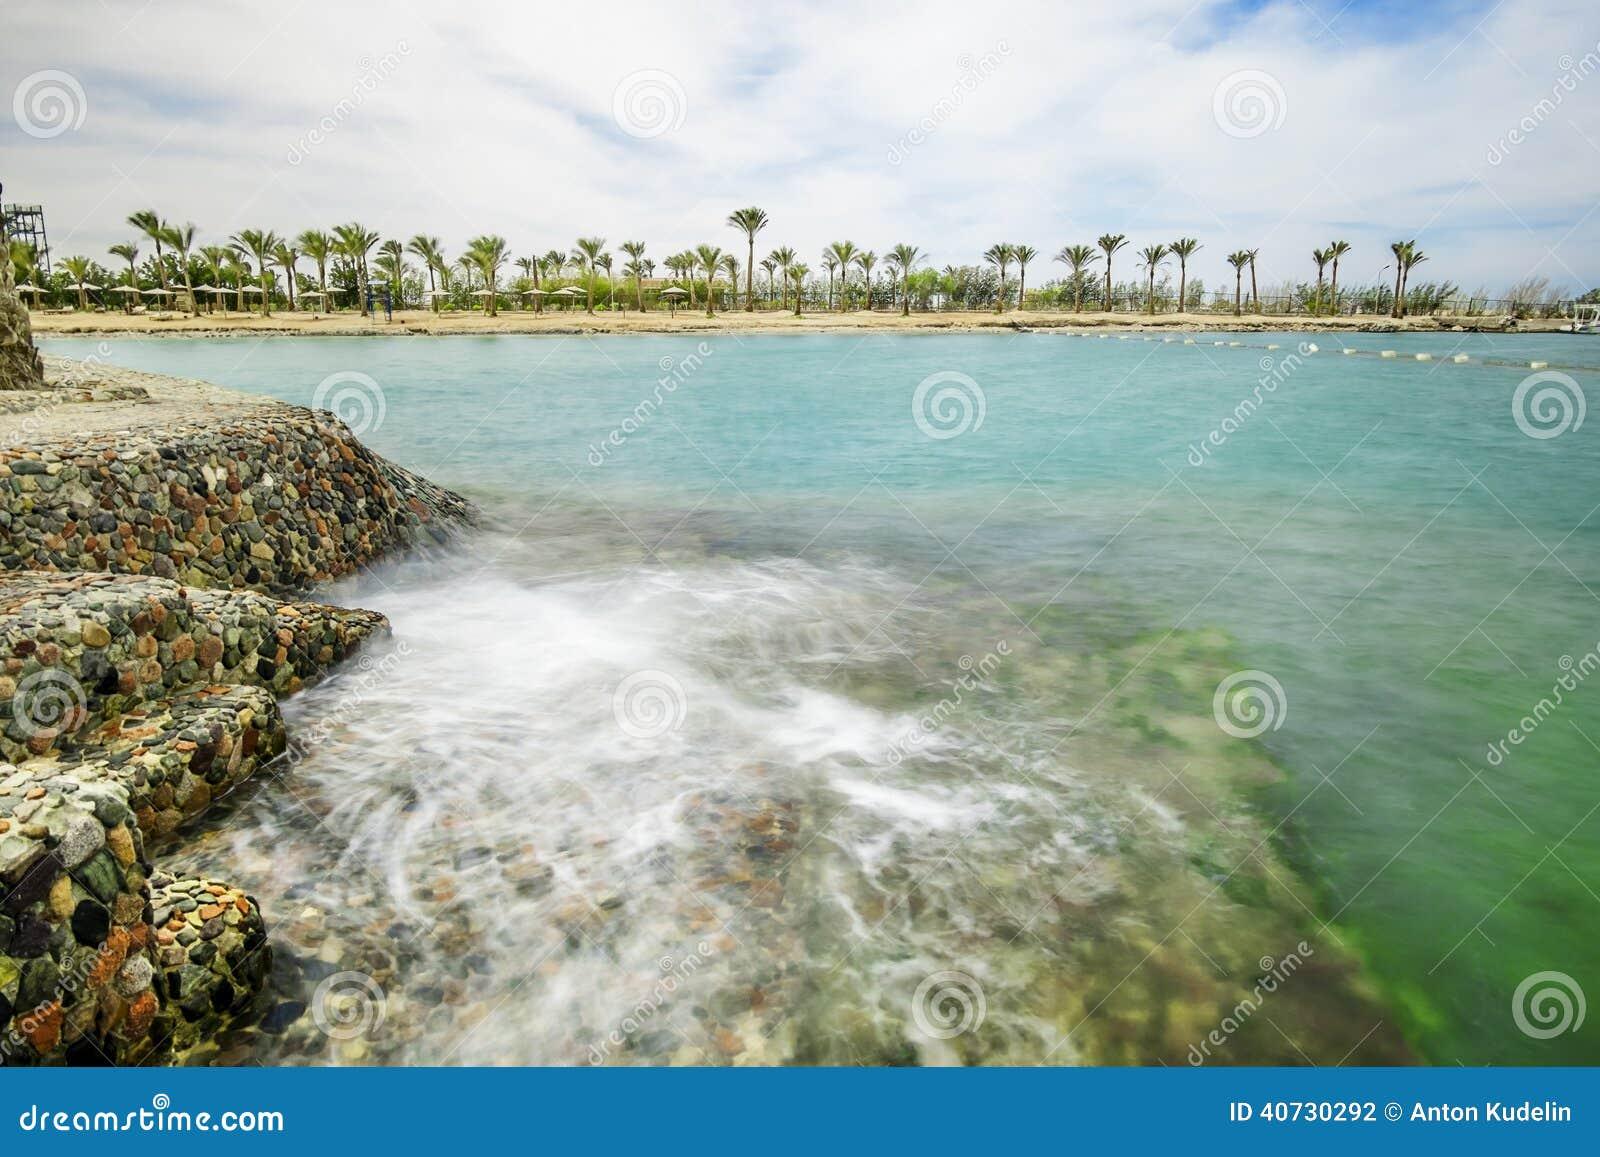 un paysage marin merveilleux vues de la mer et la plage photo stock image 40730292. Black Bedroom Furniture Sets. Home Design Ideas